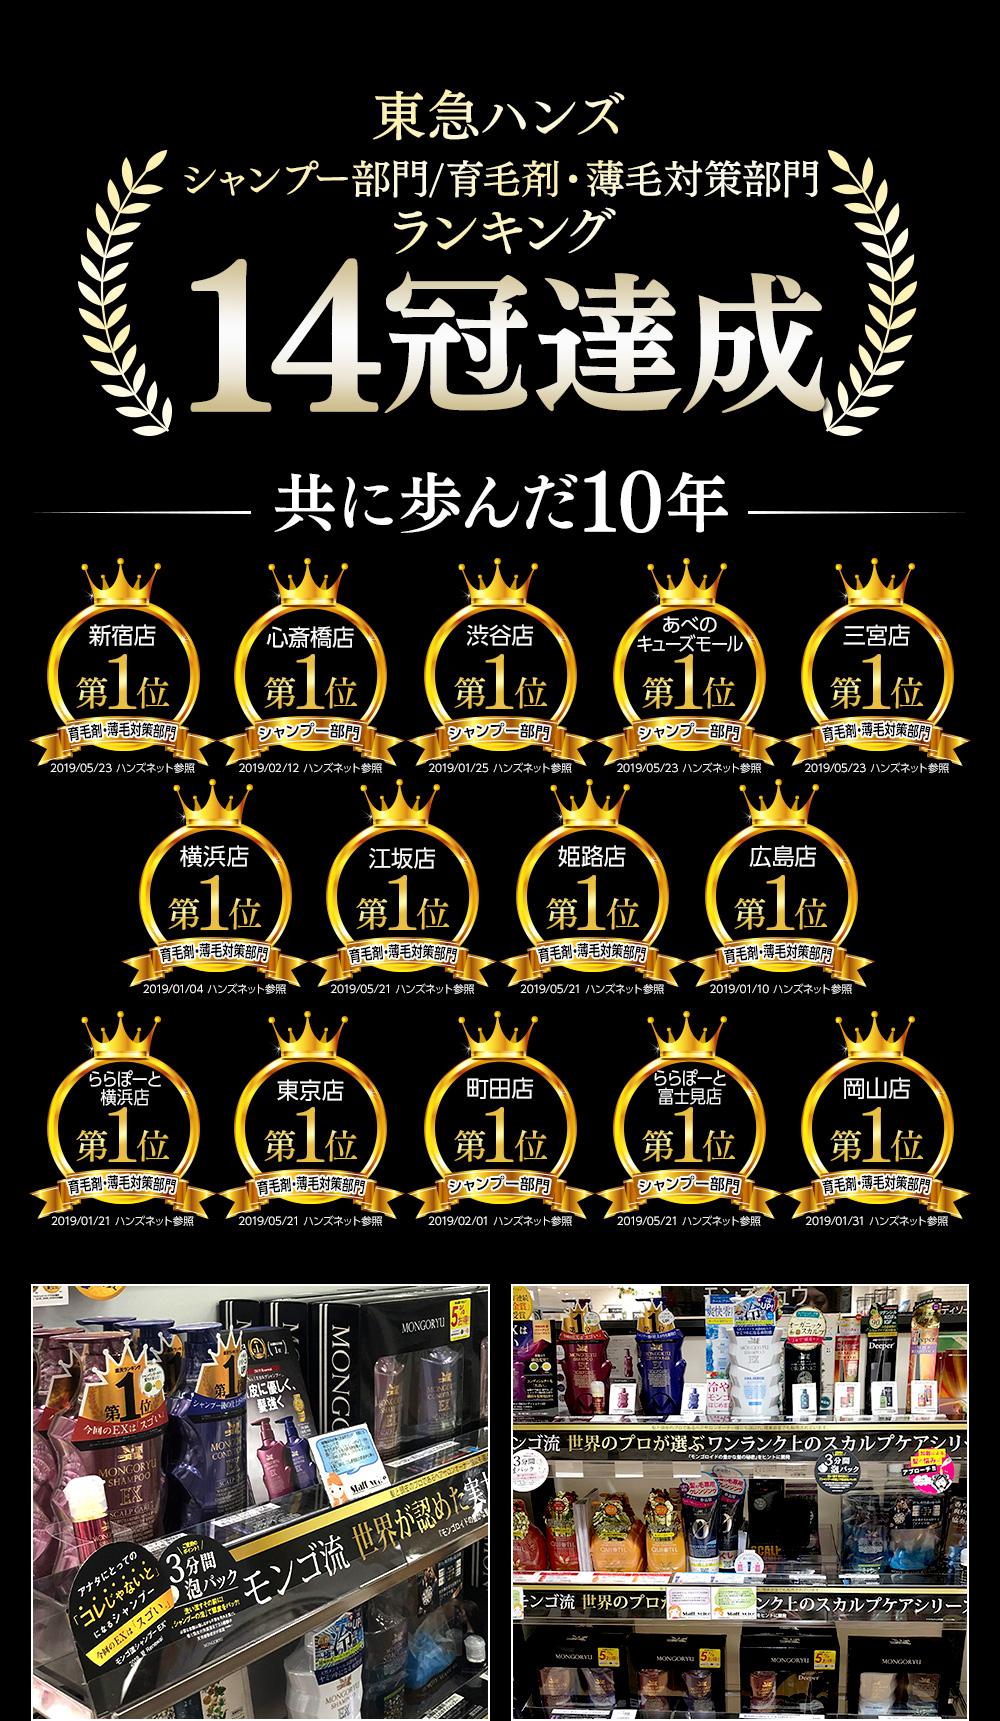 東急ハンズランキング14冠達成